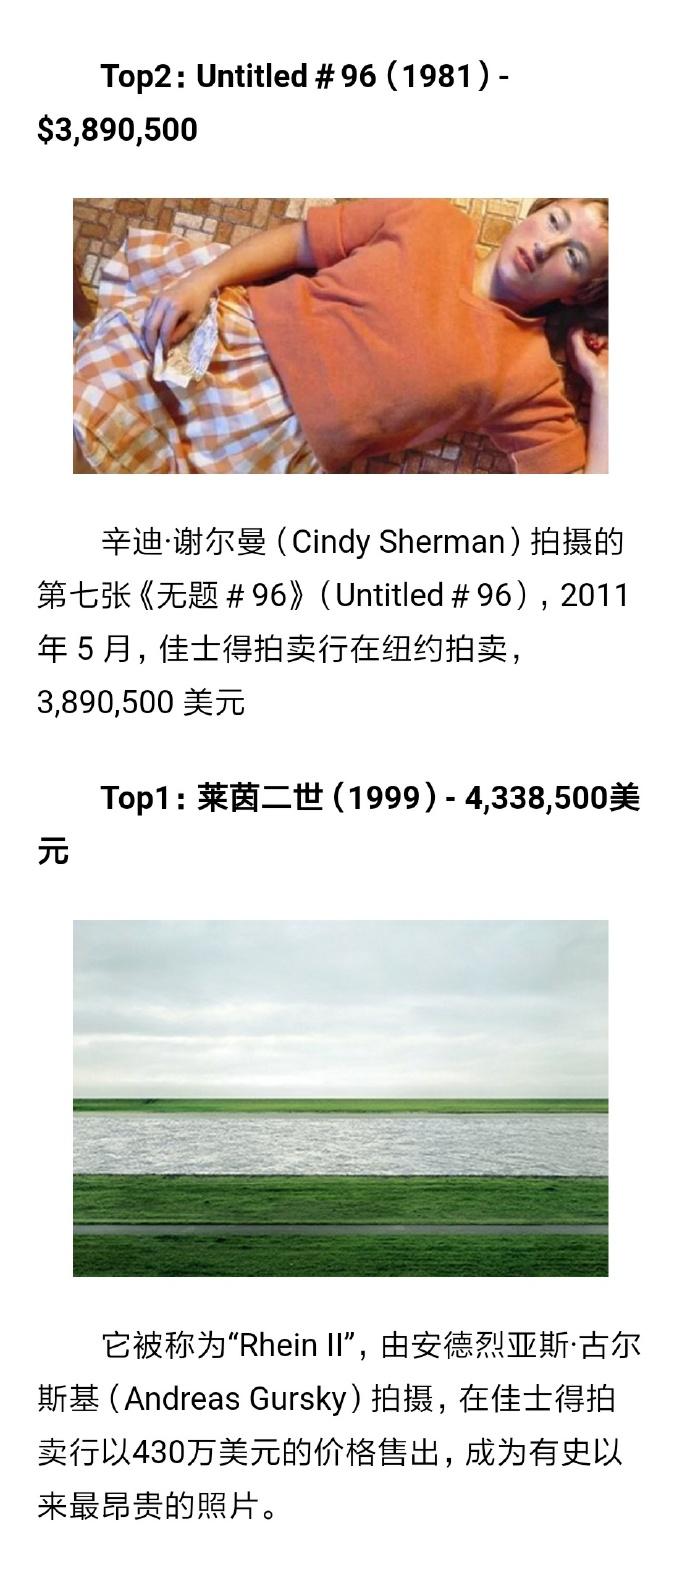 世界上最贵的照片Top2、Top1